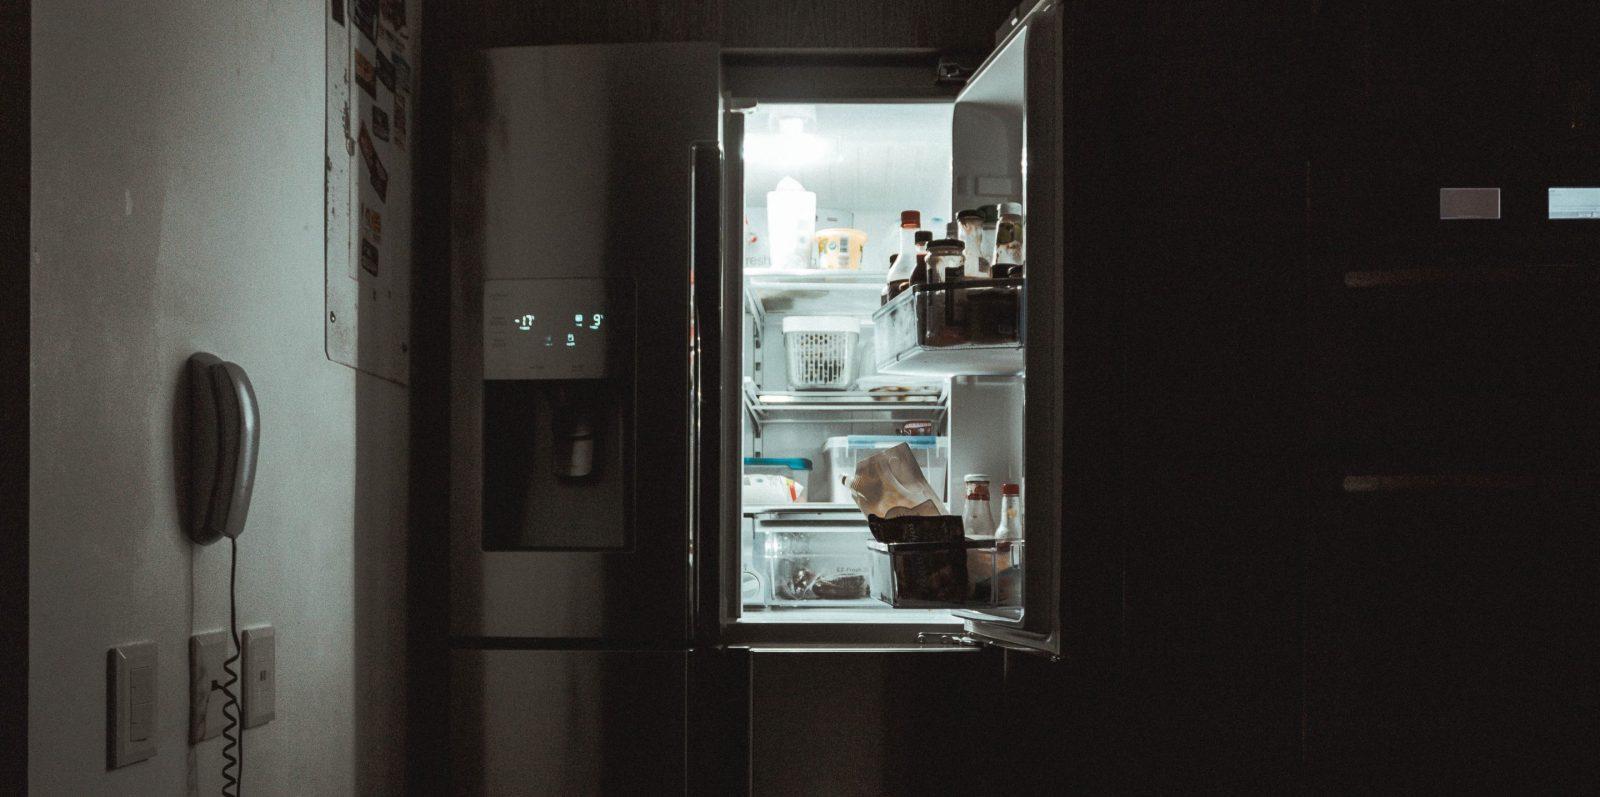 Comment entretenir son réfrigérateur pour éviter de trop consommer